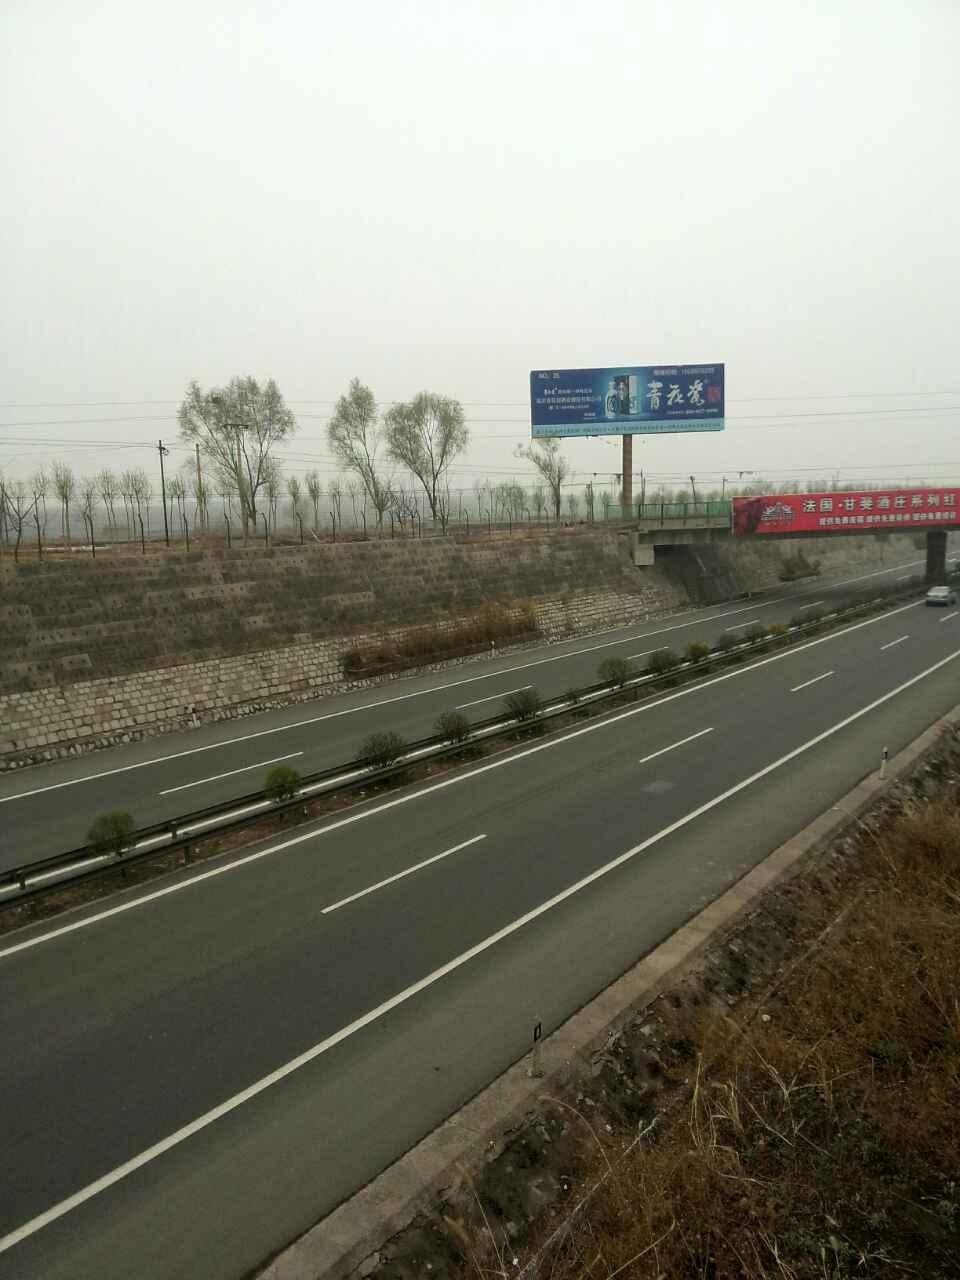 【最新促销】青银高速文水出口擎天柱广告牌 G20+908